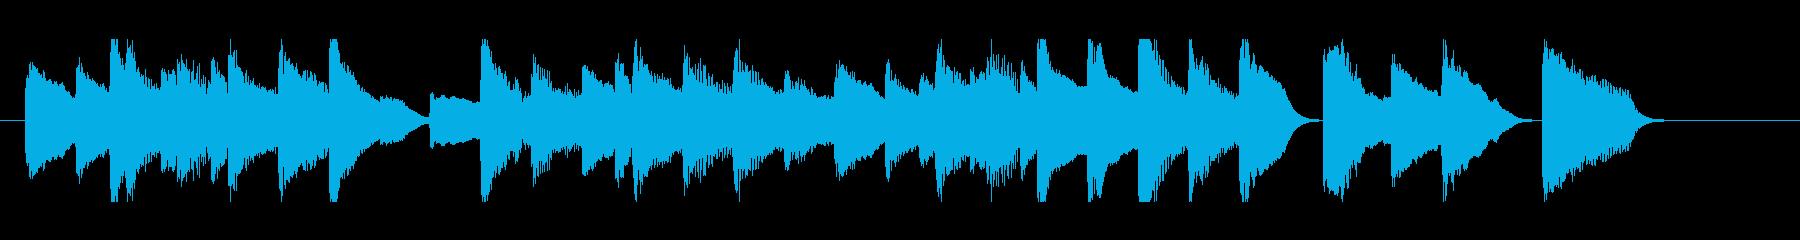 ピアノ 短い ジングル の再生済みの波形